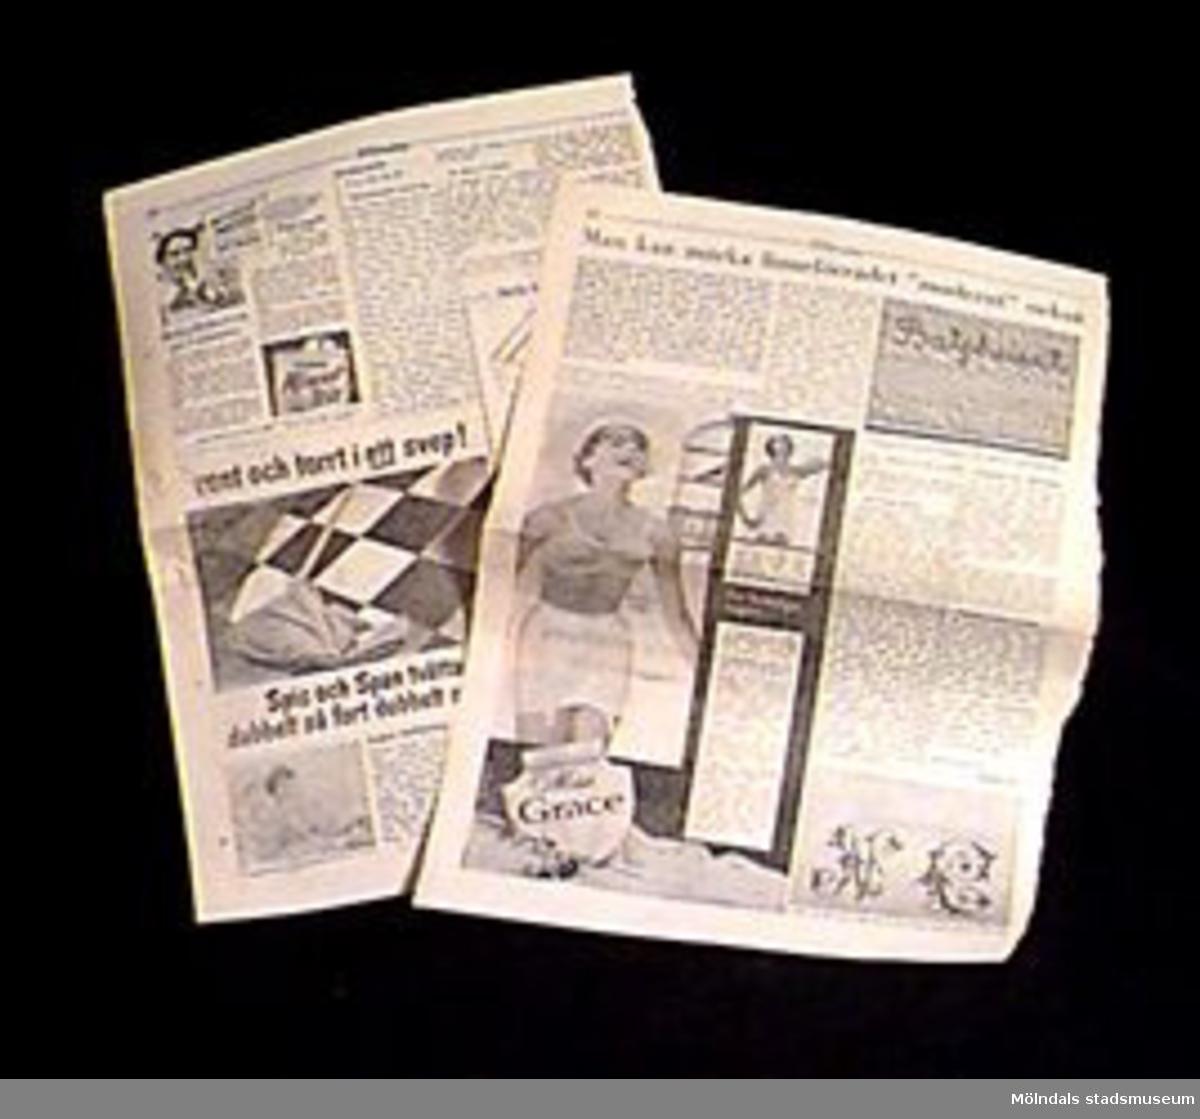 """Undervisningsmateral i form av en tidningsartikel på två sidor: """"Man kan märka linneförrådet 'modernt' också"""".Samhör med övrigt material rörande linneförråd, 02706-02722, 02727-02729.Övriga uppgifter se 02643:1."""